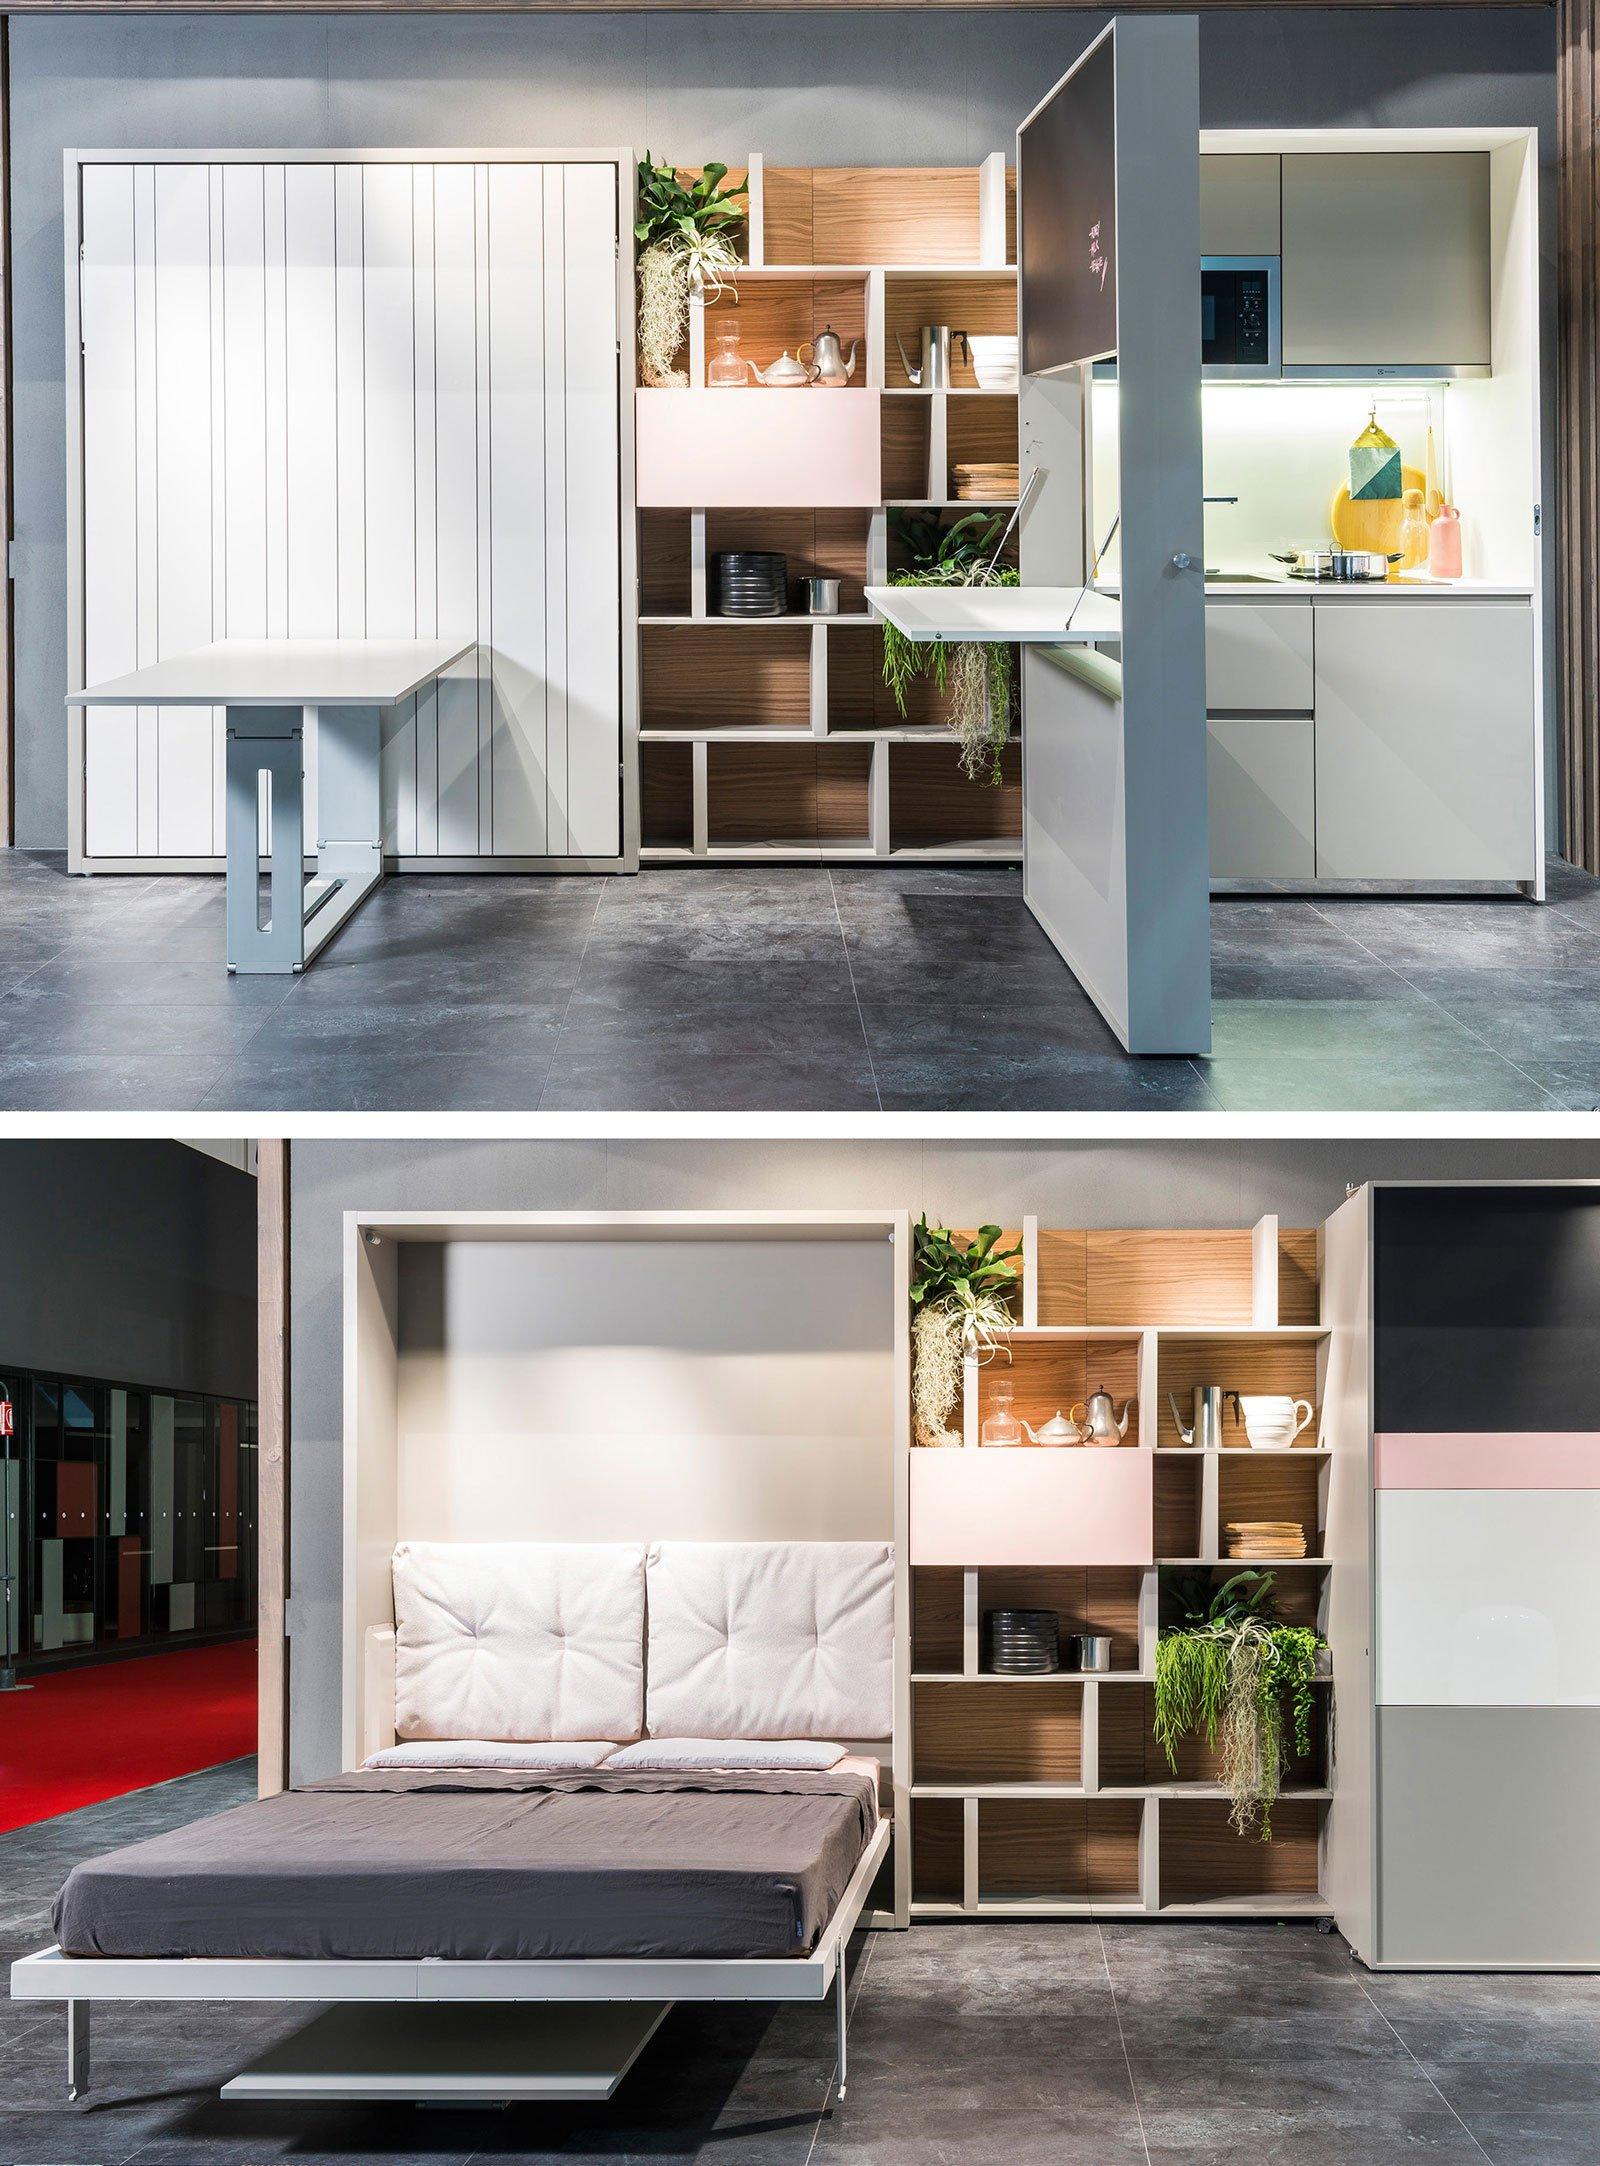 Mobili salvaspazio trasformabili due in uno cose di casa for Arredamento salvaspazio mobili multifunzionali